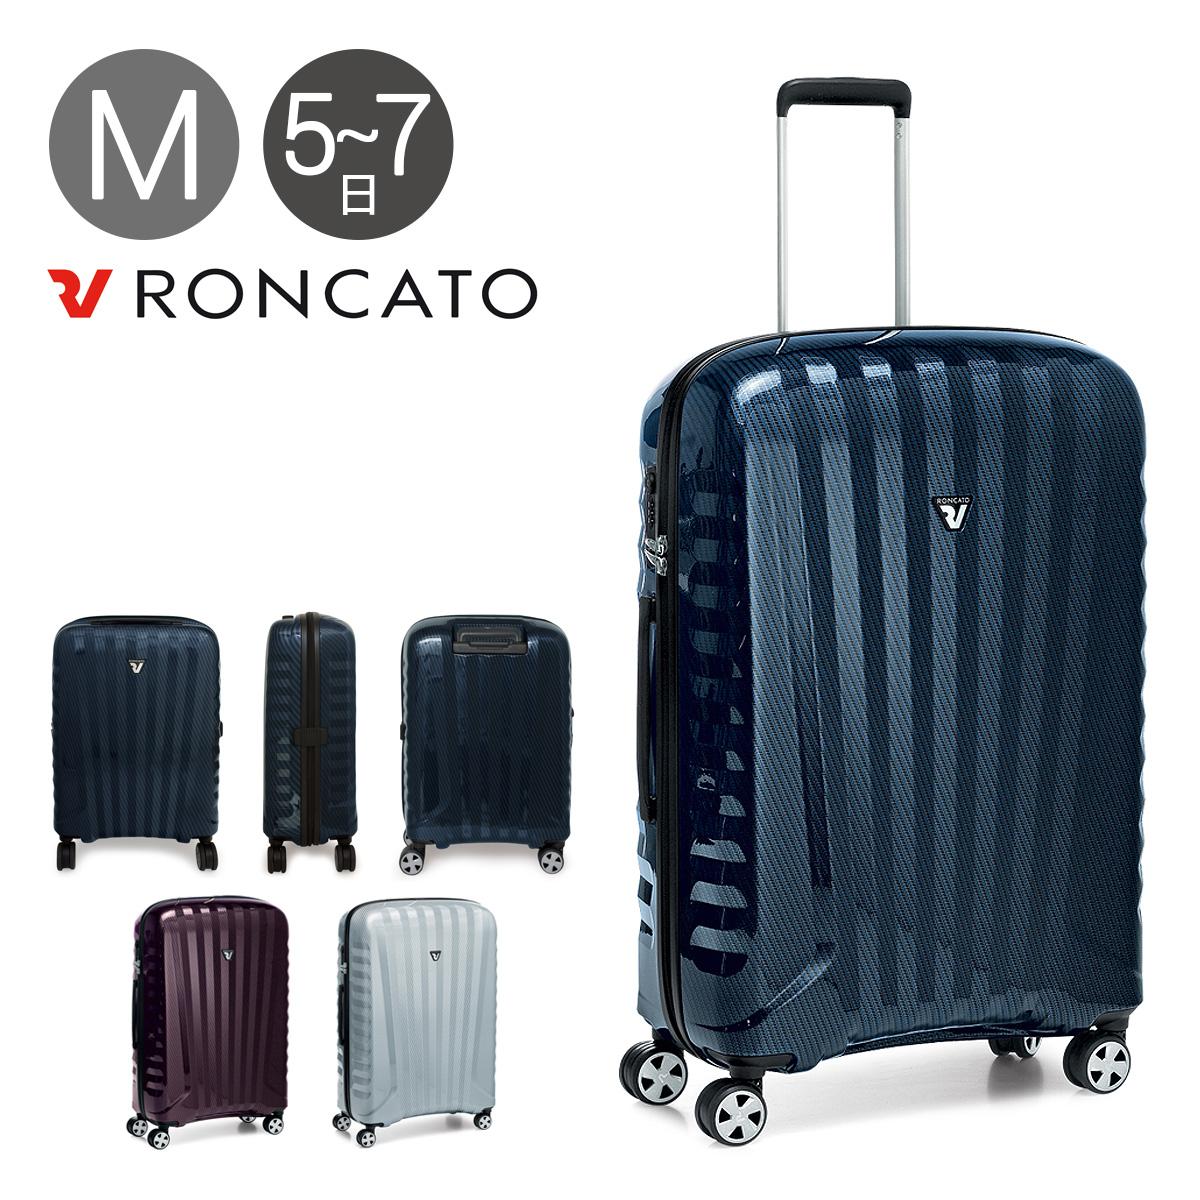 ロンカート RONCATO スーツケース 5175 67cm PREMIUM ZSL CARBON プレミアムカーボン キャリーケース ハードキャリー TSAロック搭載 イタリア製 10年保証 [PO10][bef]